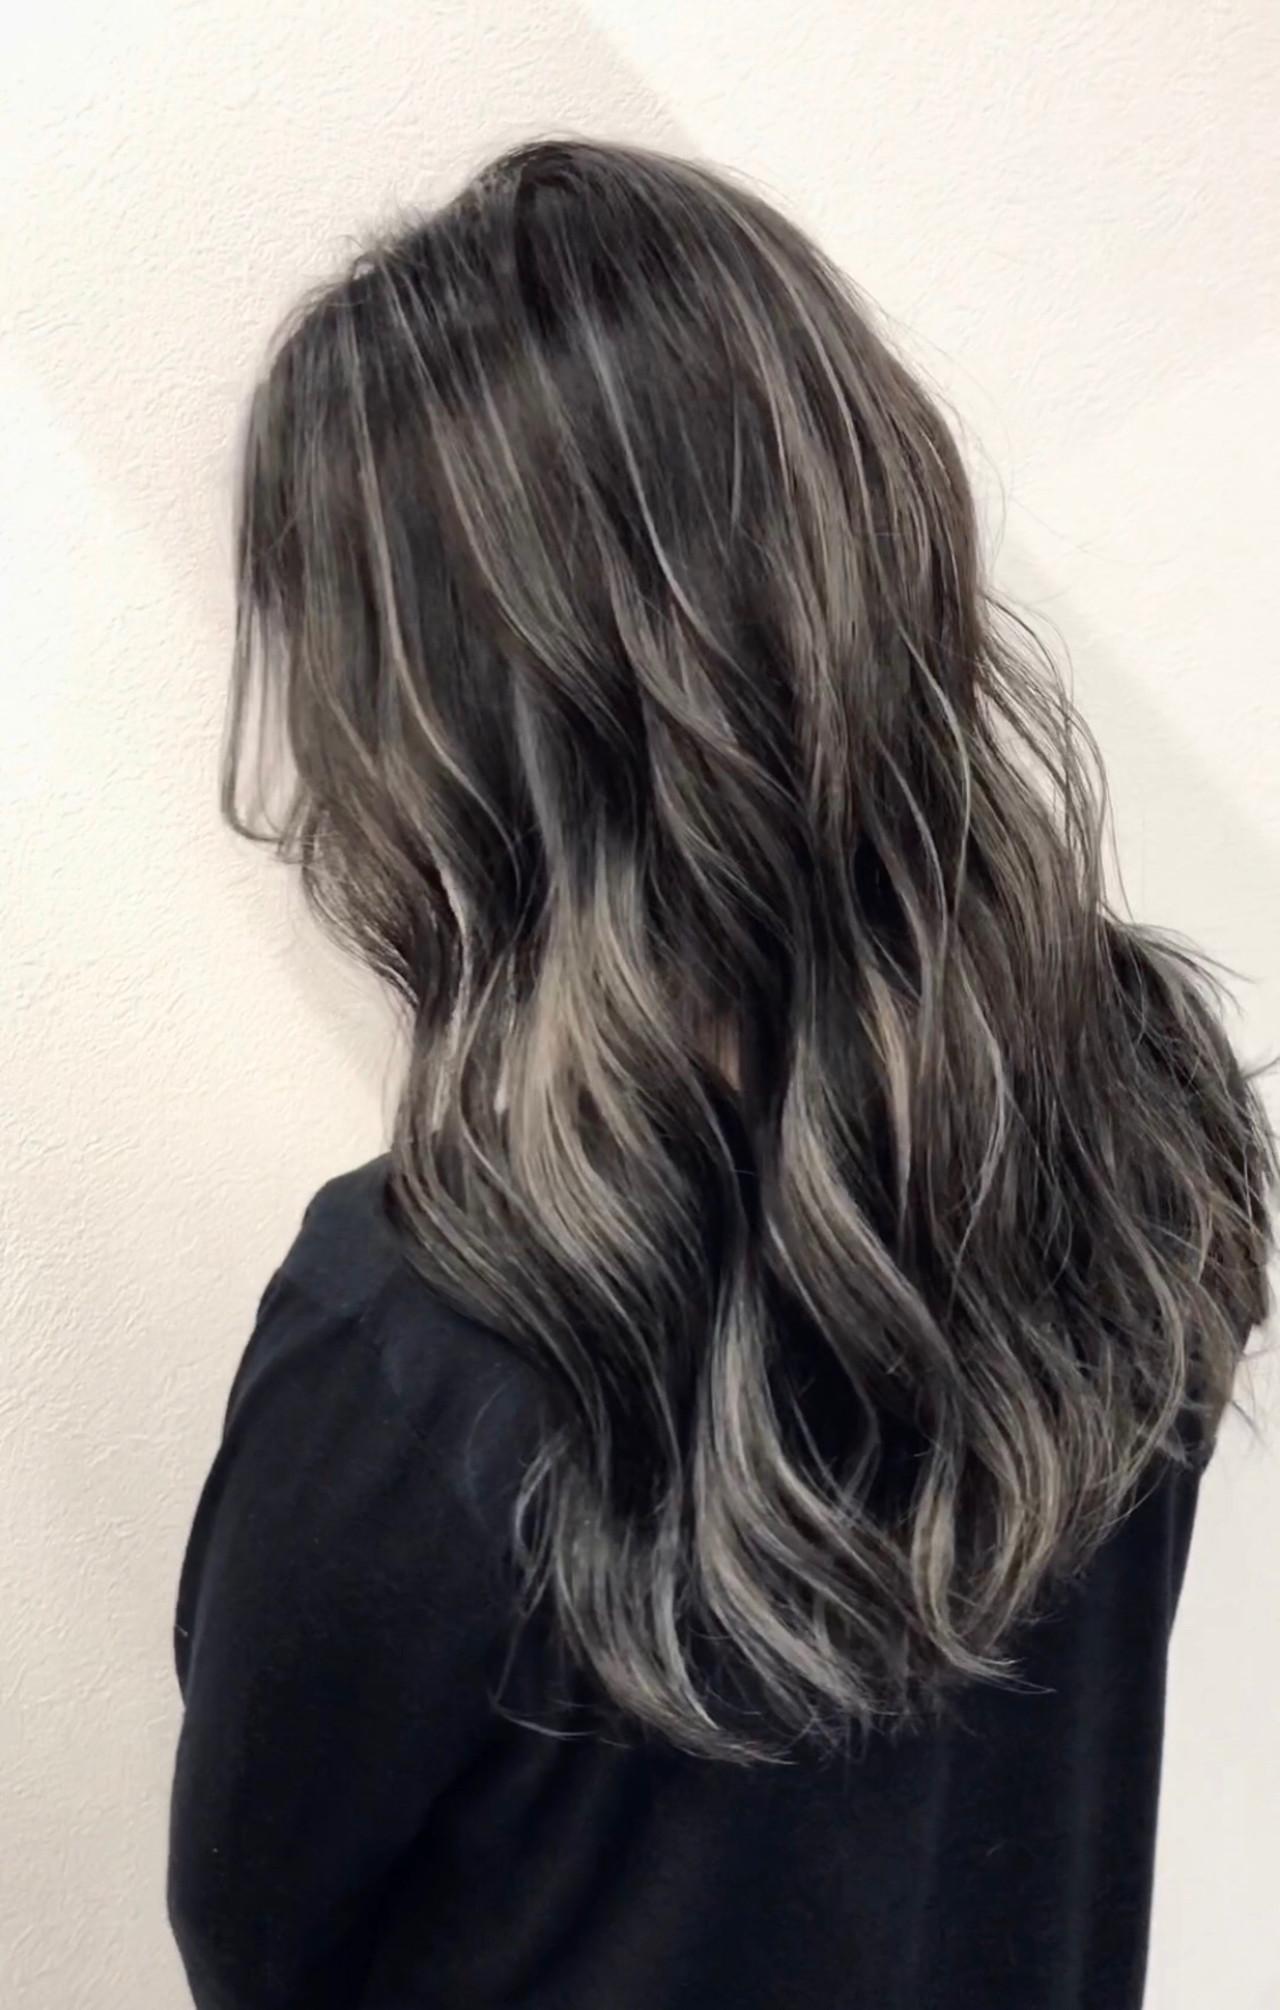 外国人風カラー シルバーグレー セミロング コントラストハイライト ヘアスタイルや髪型の写真・画像   アンドウ ユウ / agu hair edge